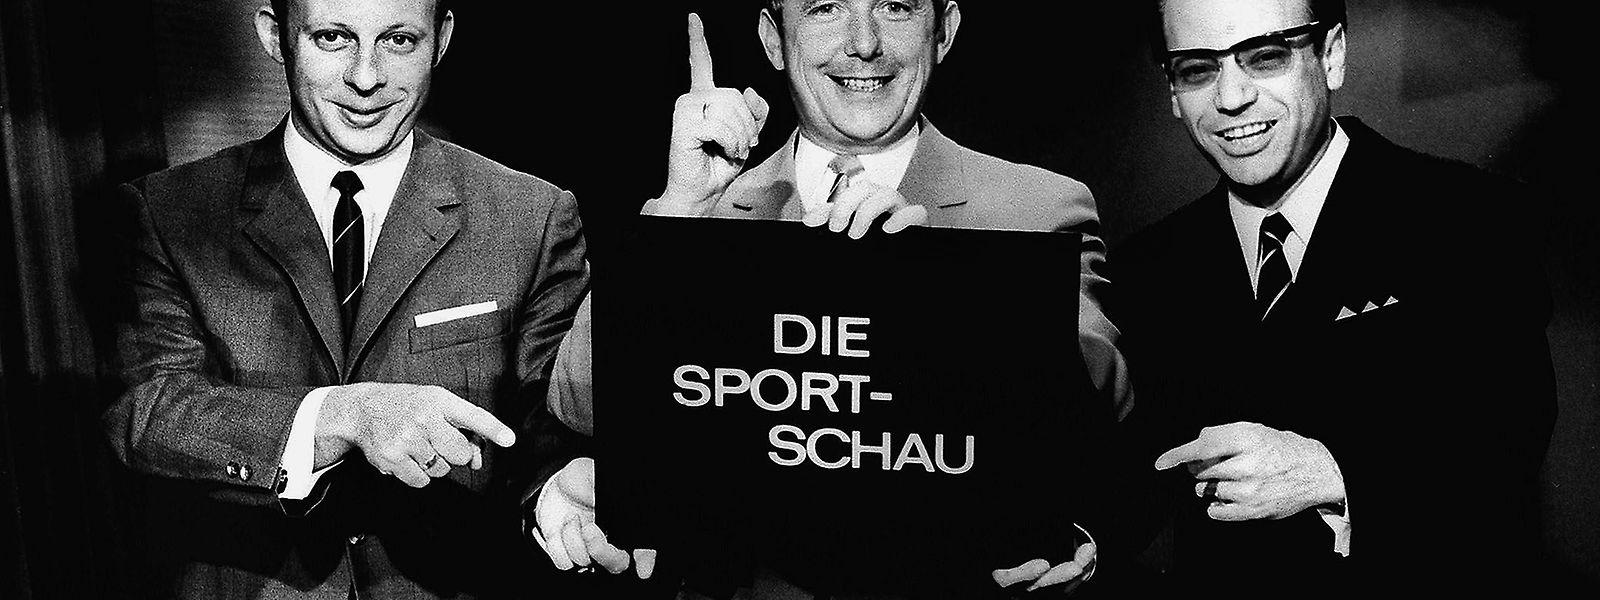 4. Juni 1961: Ernst Huberty (Mitte), Dieter Adler (l.) und Addi Furler gehen mit der ersten Sportschau beim WDR auf Sendung. Es ist der Beginn einer Erfolgsgeschichte.